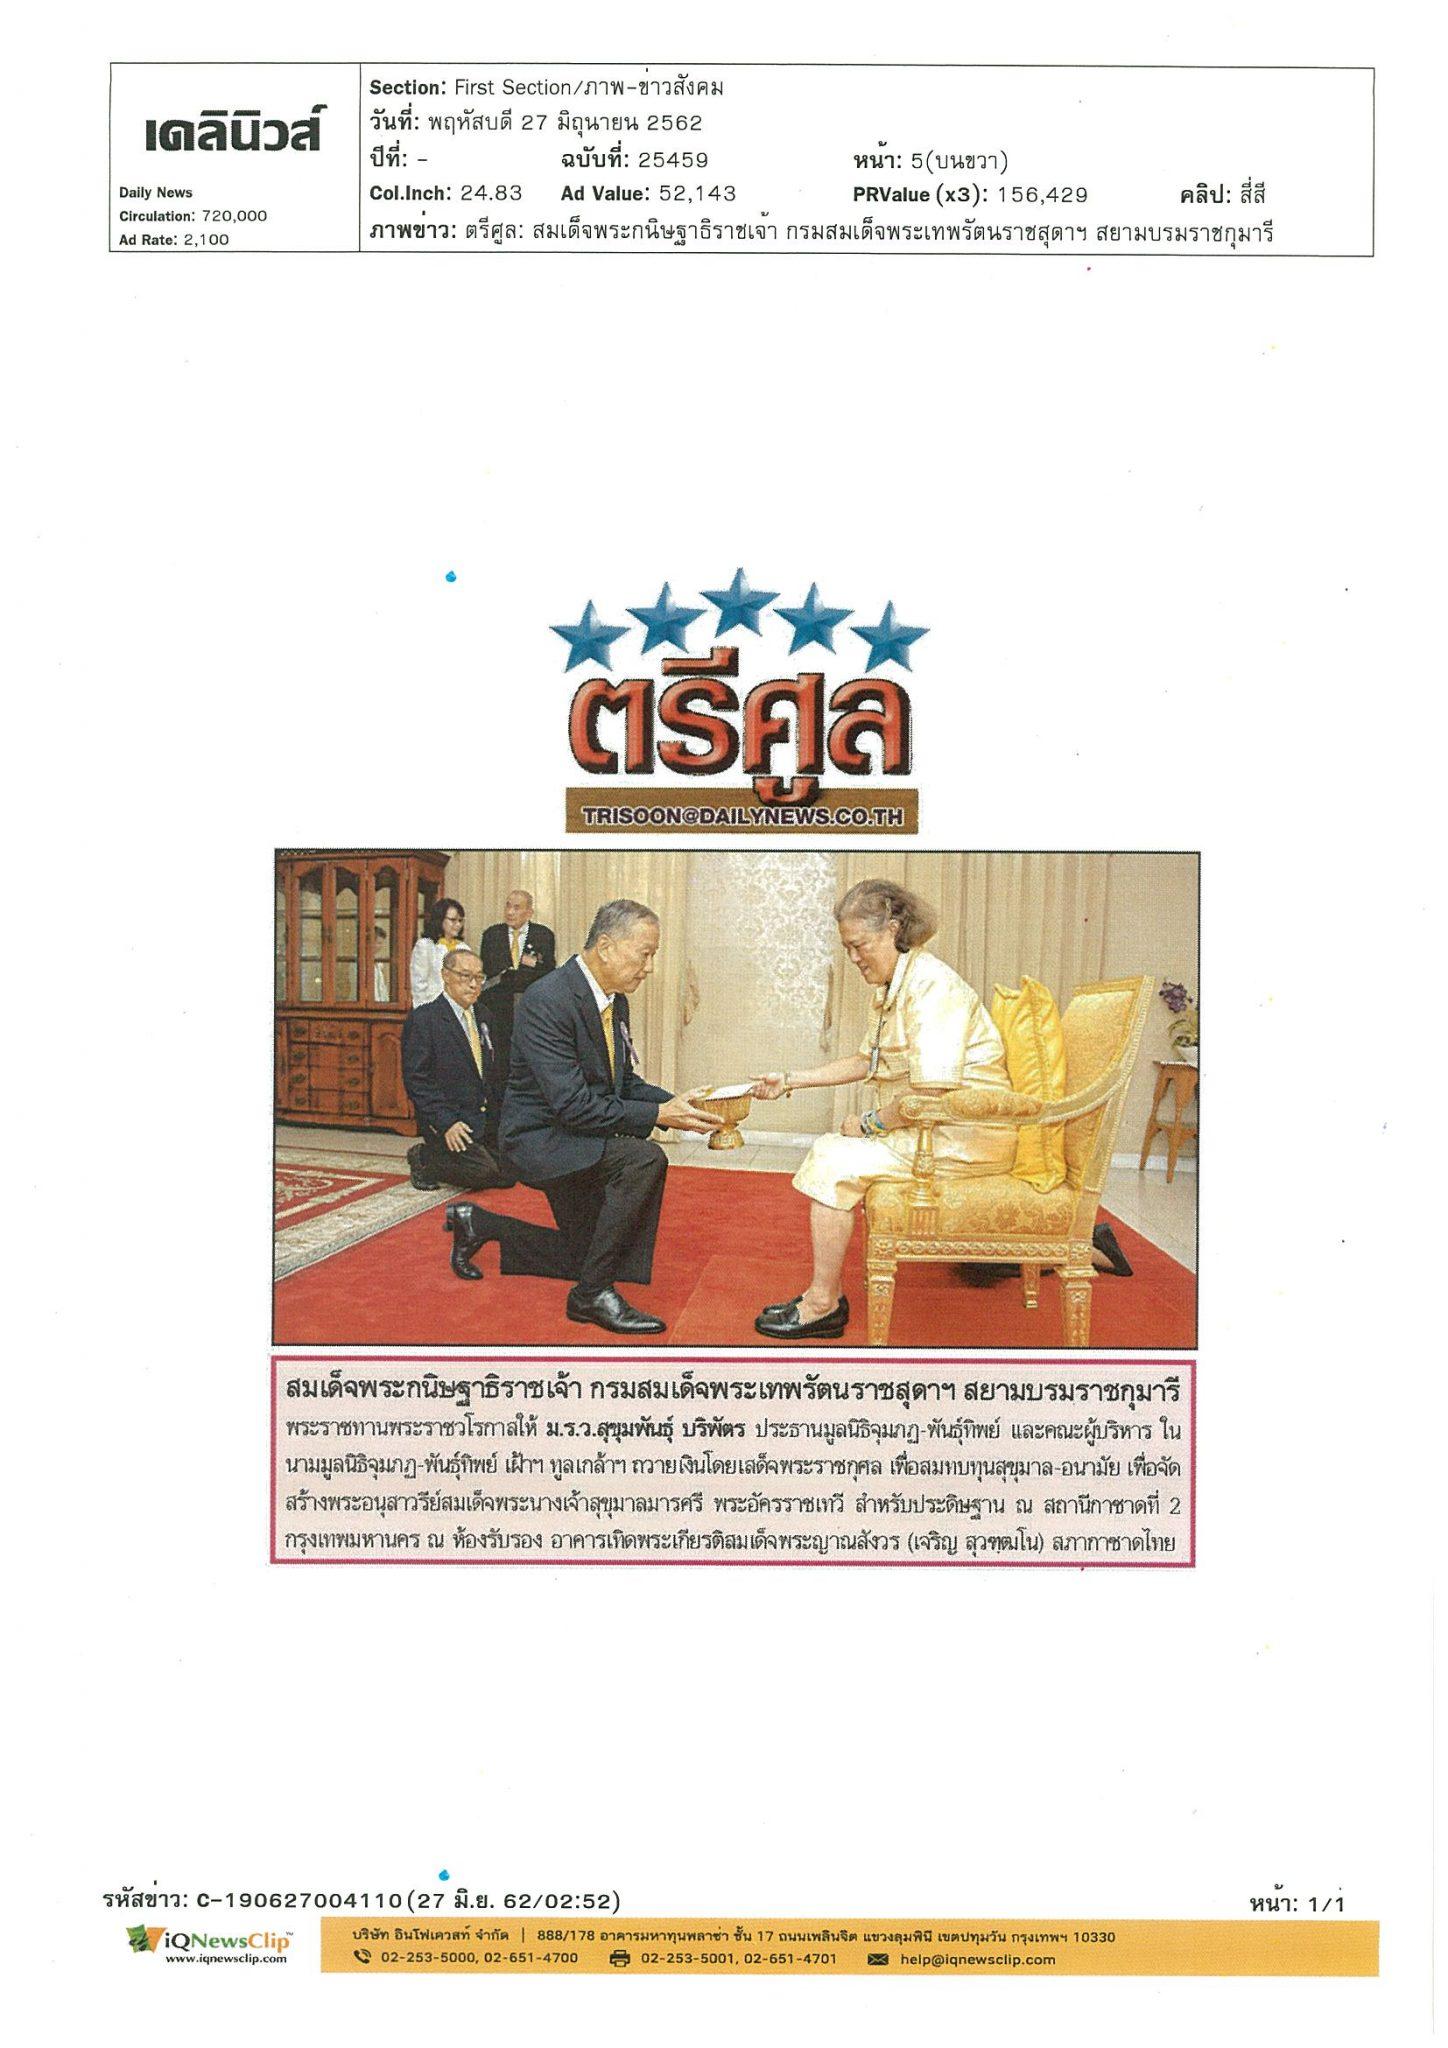 ถวายเงินโดยเสด็จพระราชกุศลเพื่อสมทบทุนสุขุมาล-อนามัย สถานีกาชาดที่ 2